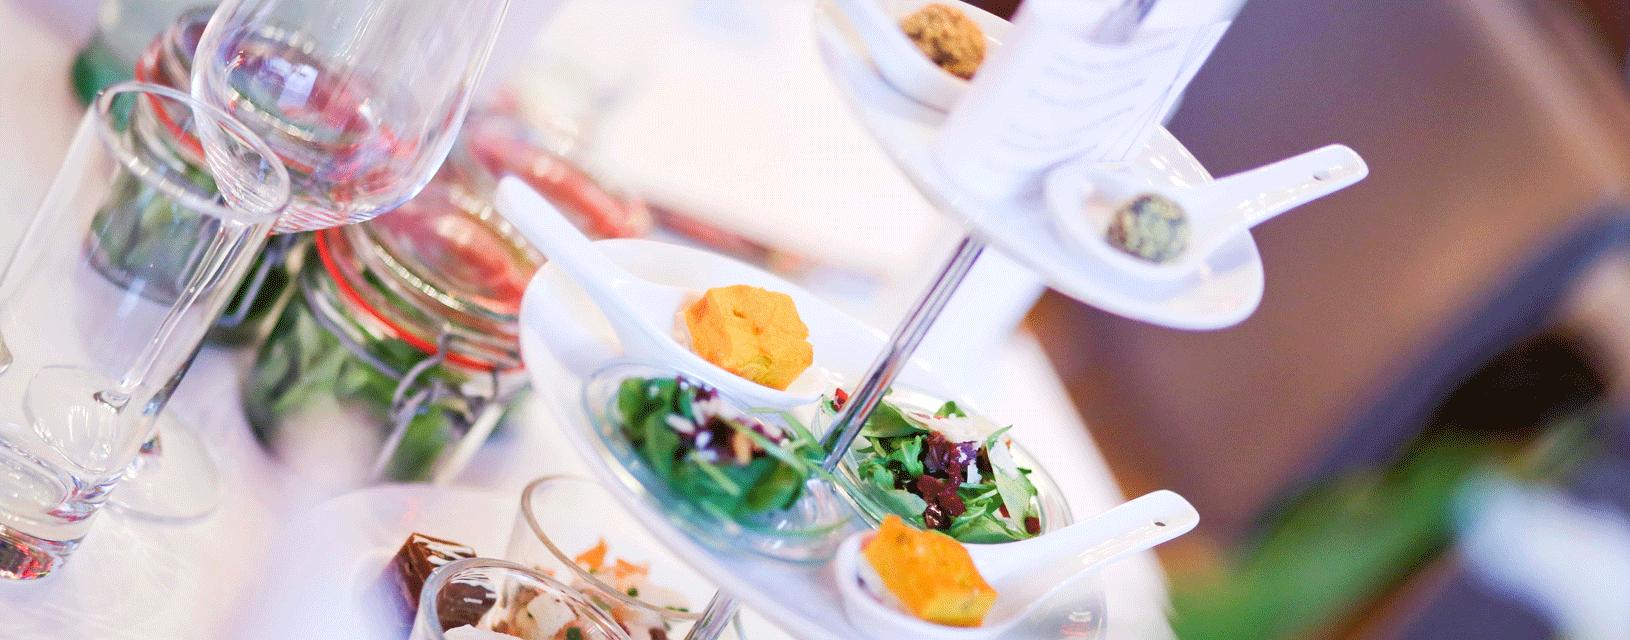 event-agentur-heidelberg-catering